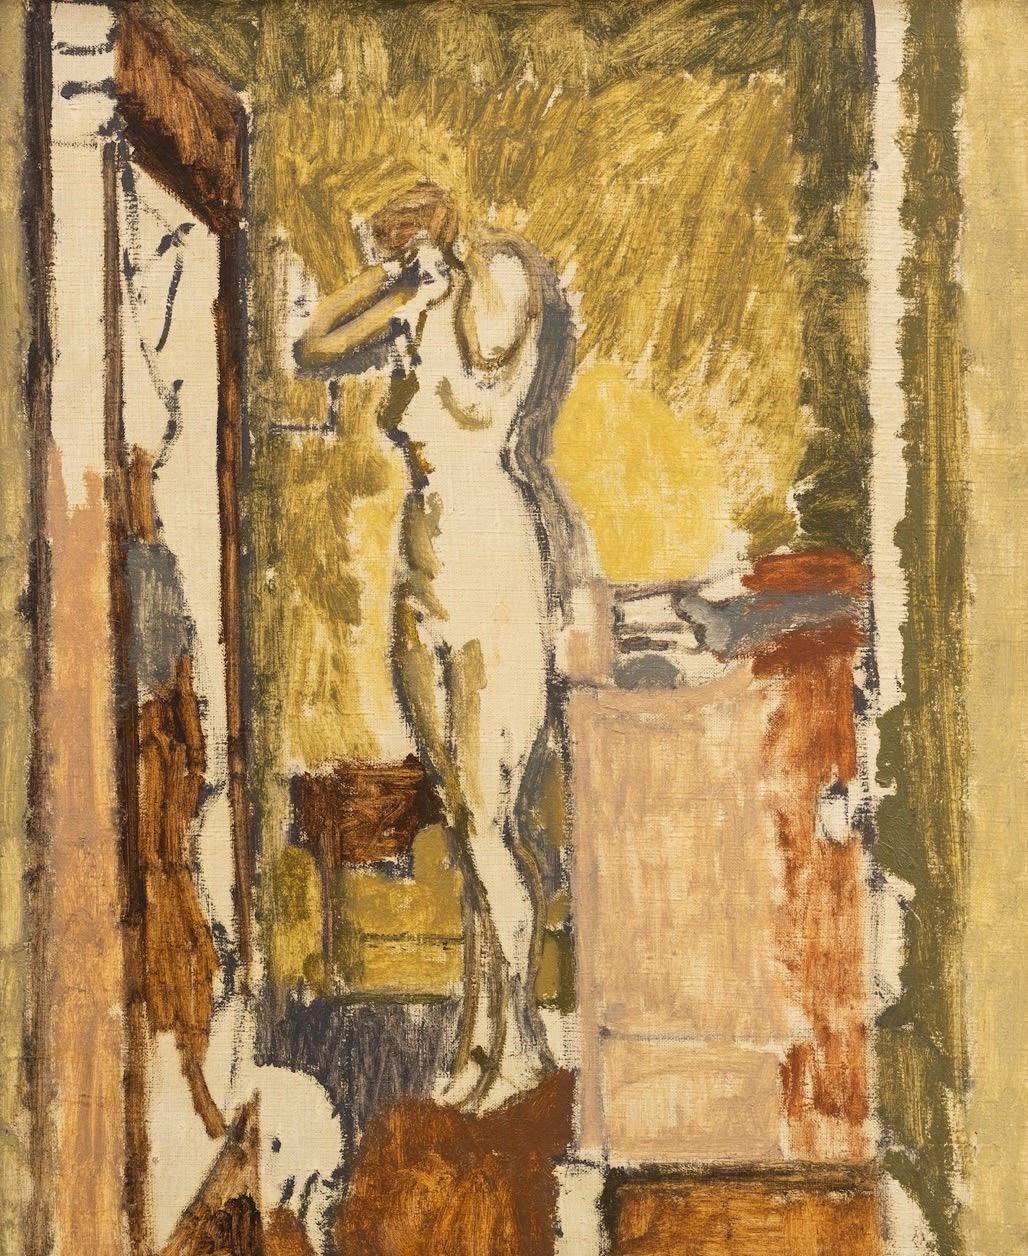 Walter Sickert, Standing nude in an interior, , c. 1921-22